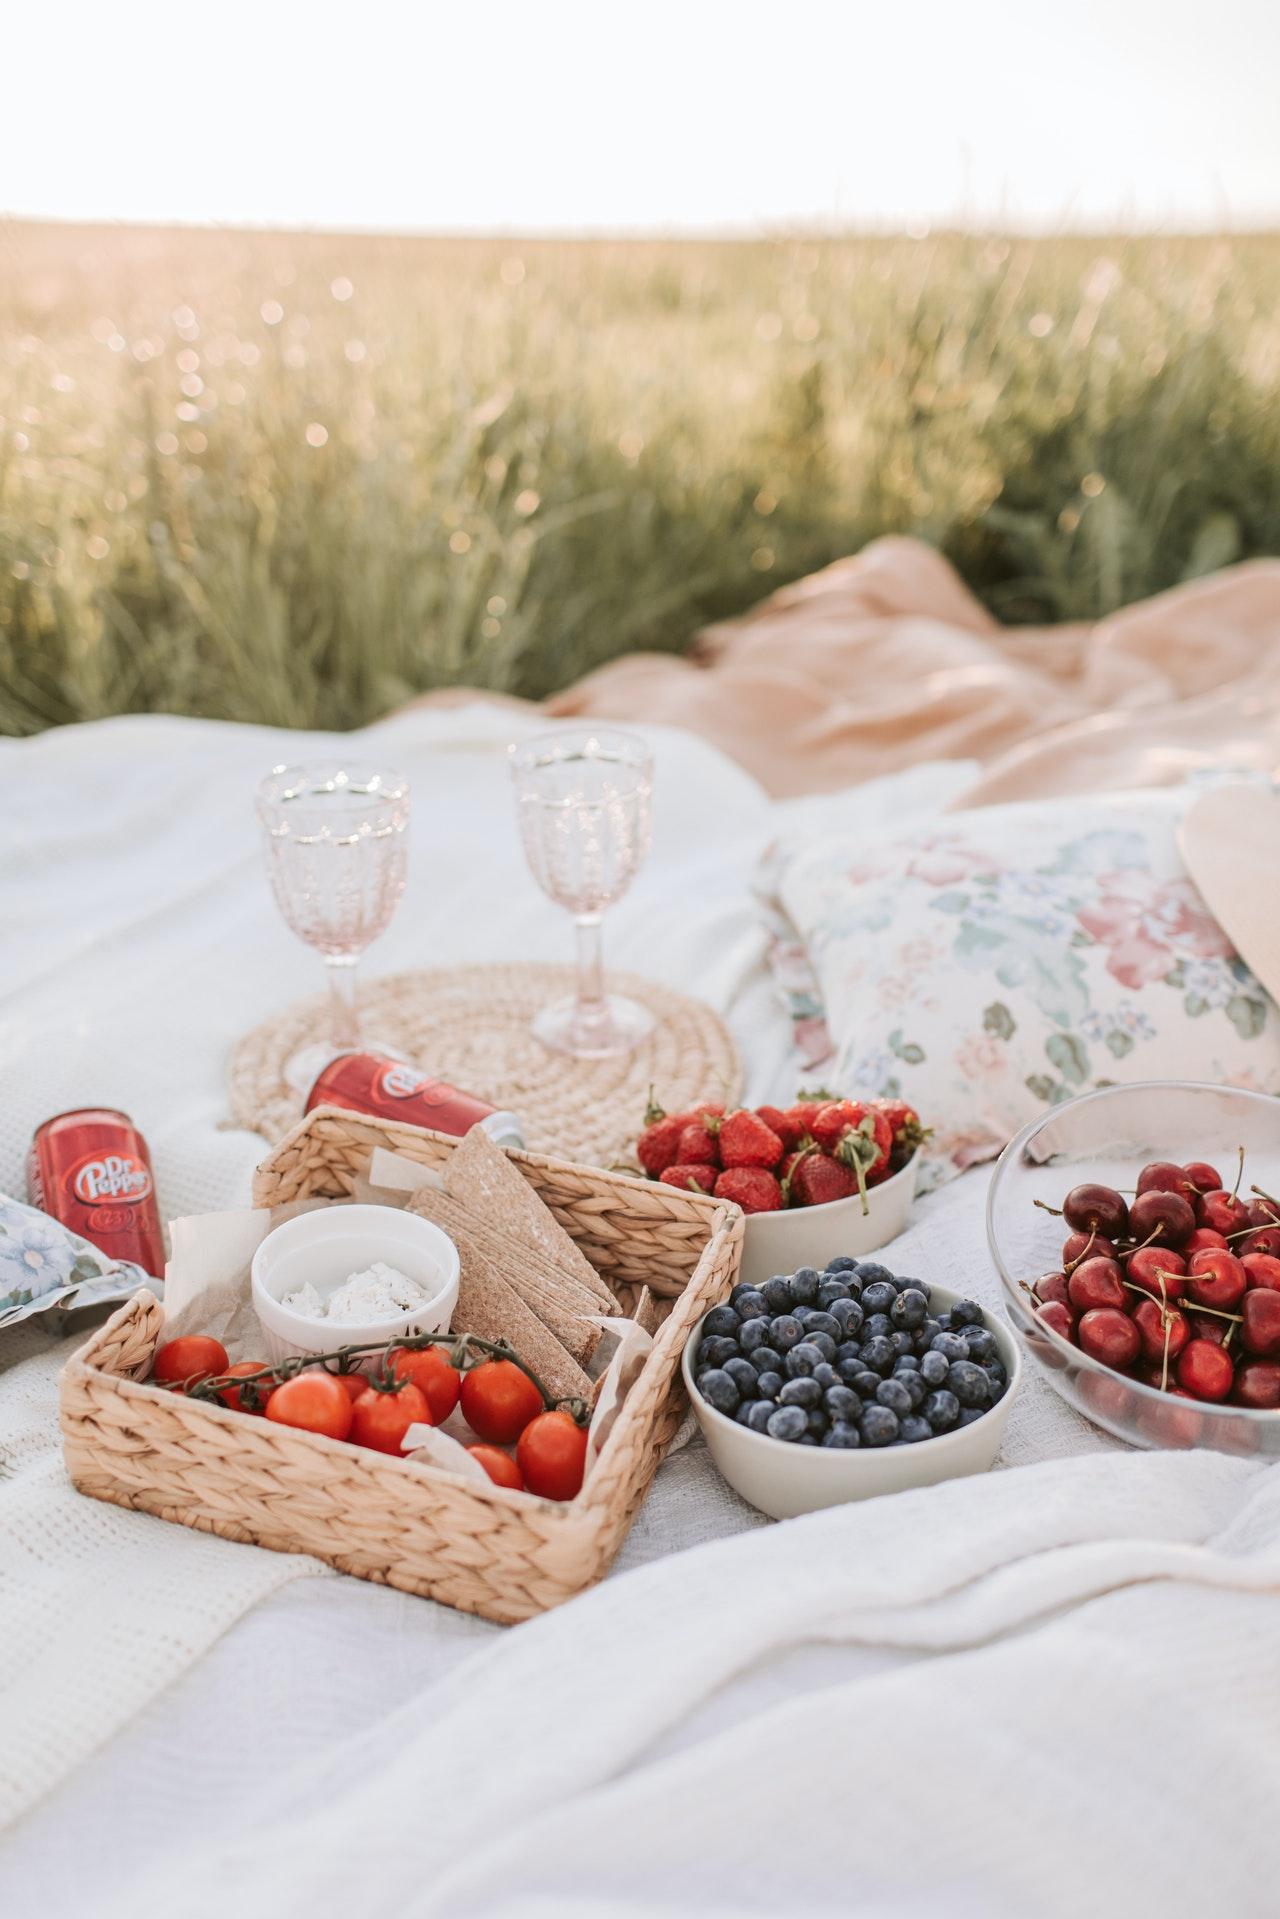 2403_staycation_picnic